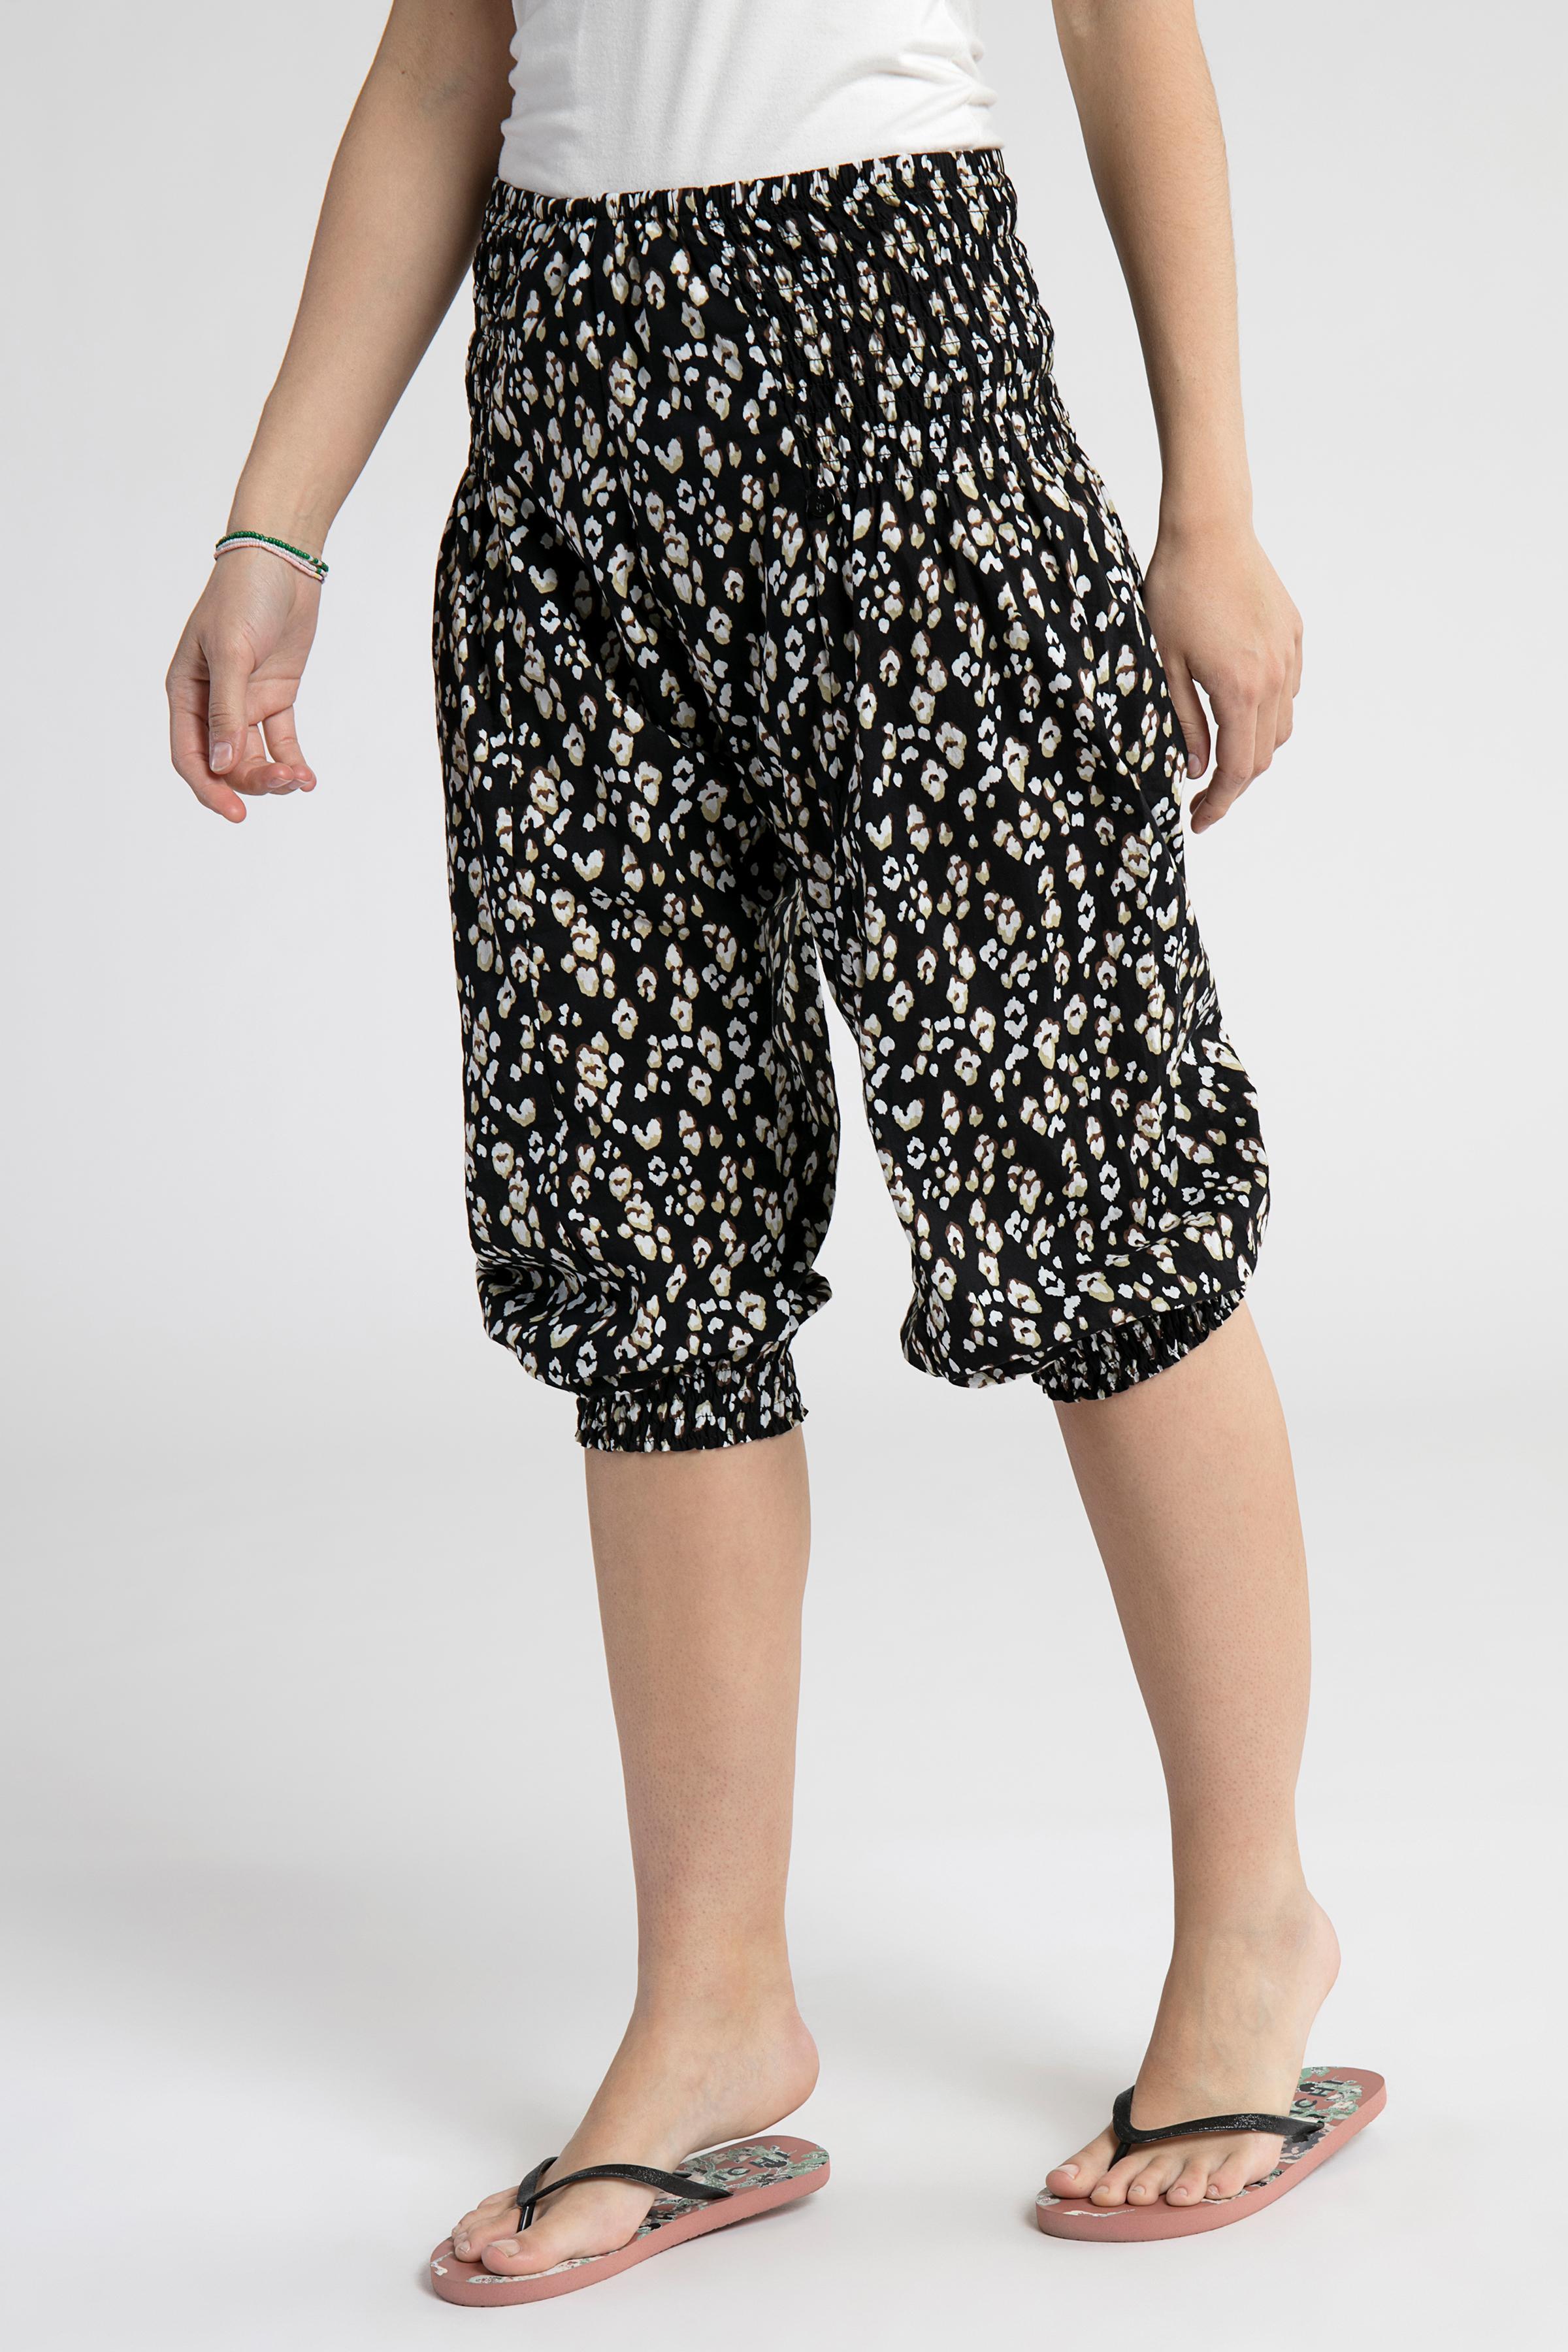 Svart/brun Byxor från Pulz Jeans – Köp Svart/brun Byxor från stl. XS-XXL här